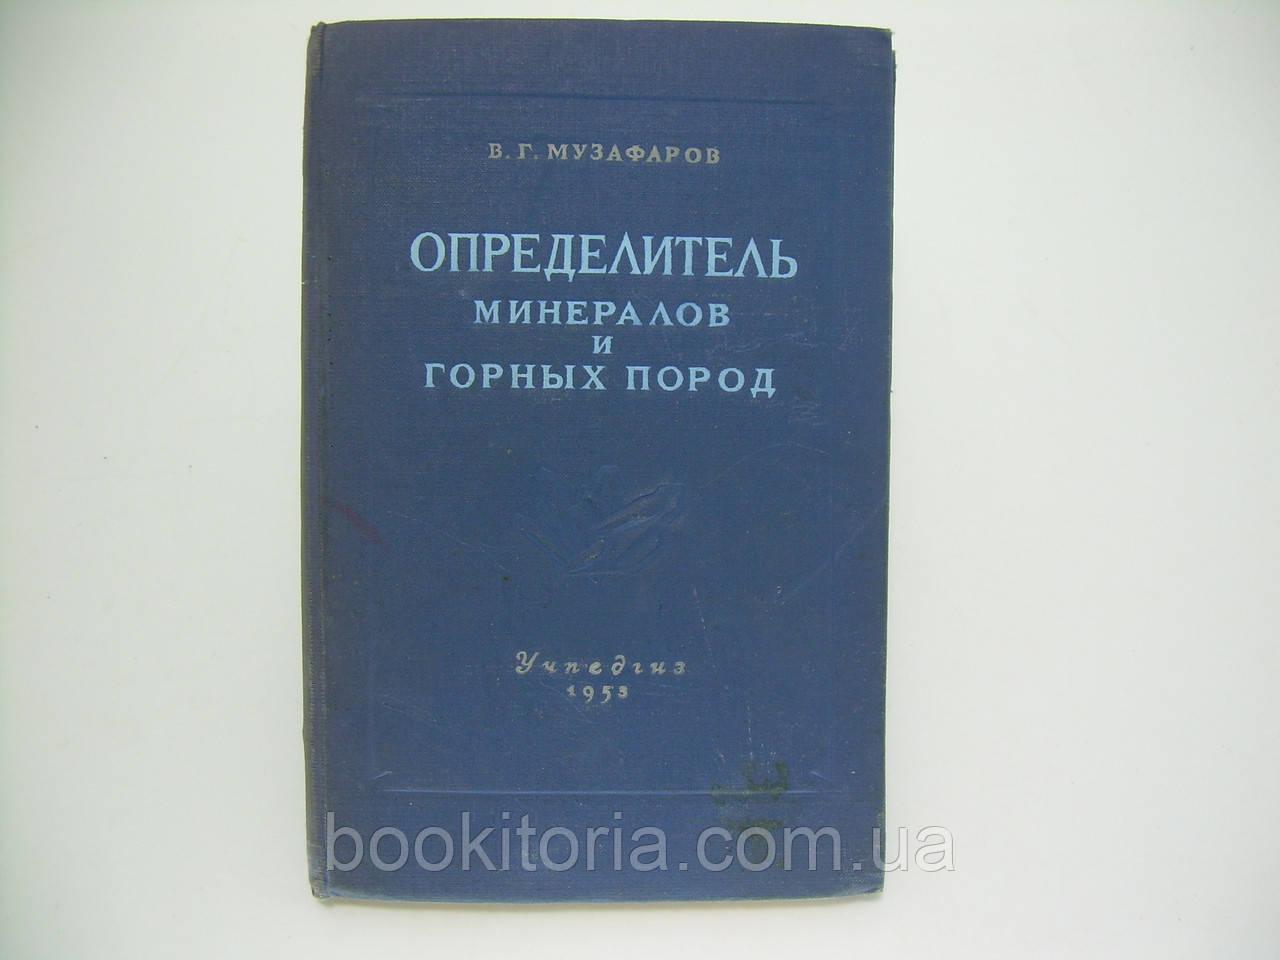 Музафаров В.Г. Определитель минералов и горных пород (б/у).